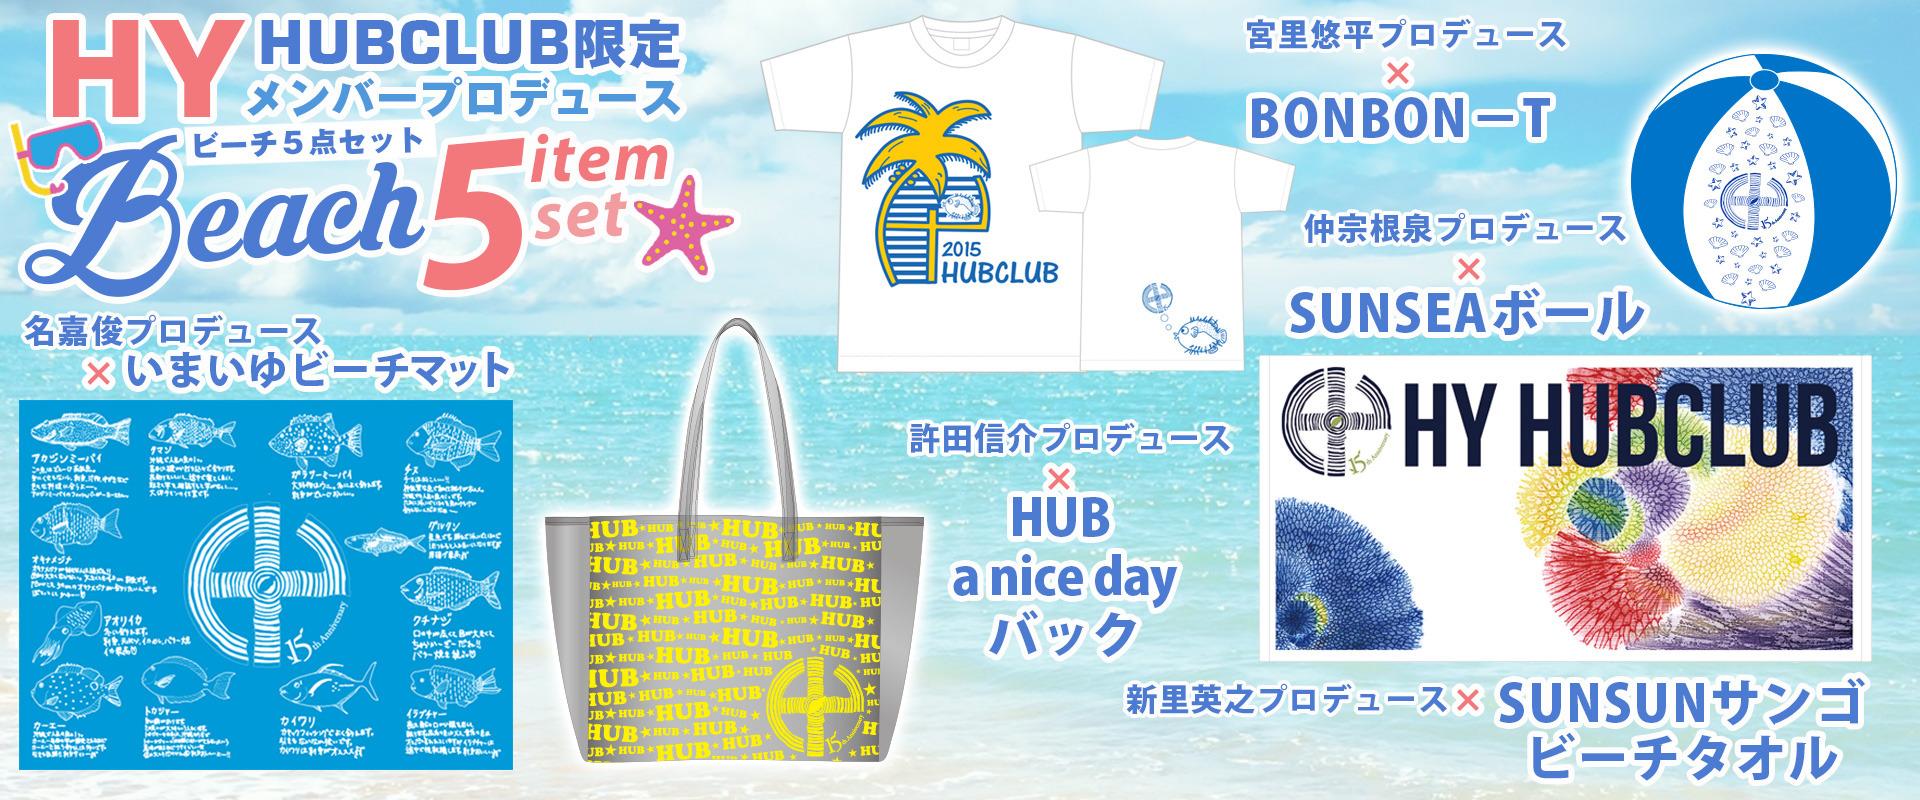 11th ALBUM『LIFE』 HY HUB CLUB限定盤 (CD+『LIFE』スペシャルグッズ5種)